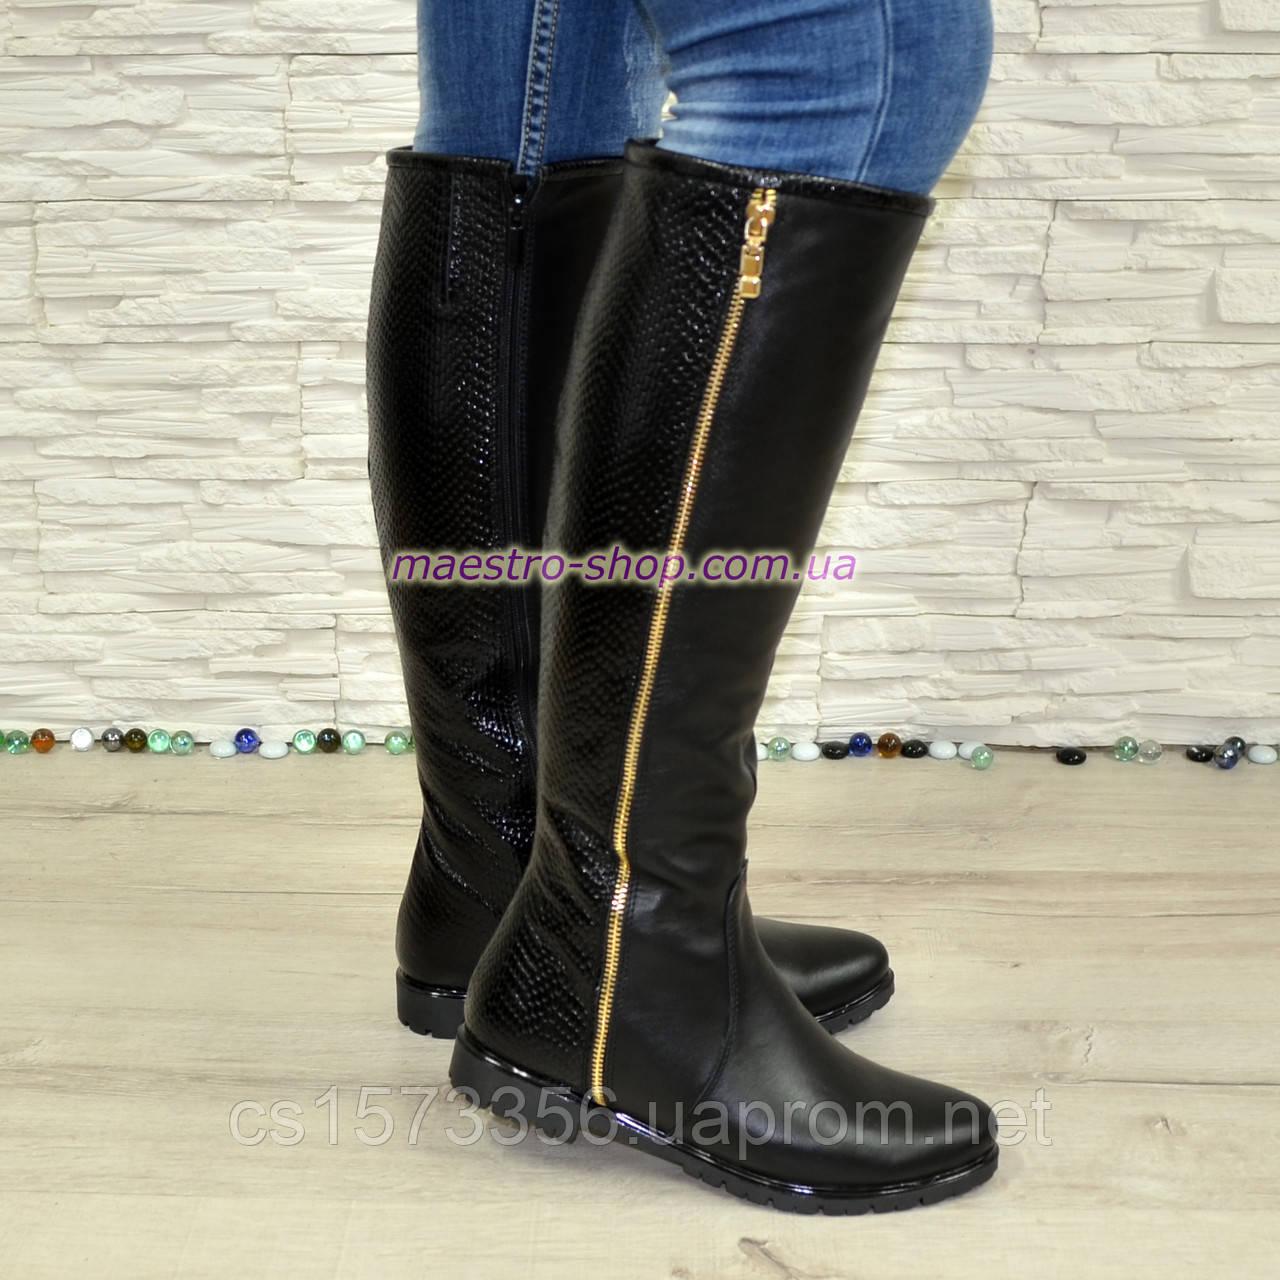 Замшевые женские сапоги демисезонные черного цвета